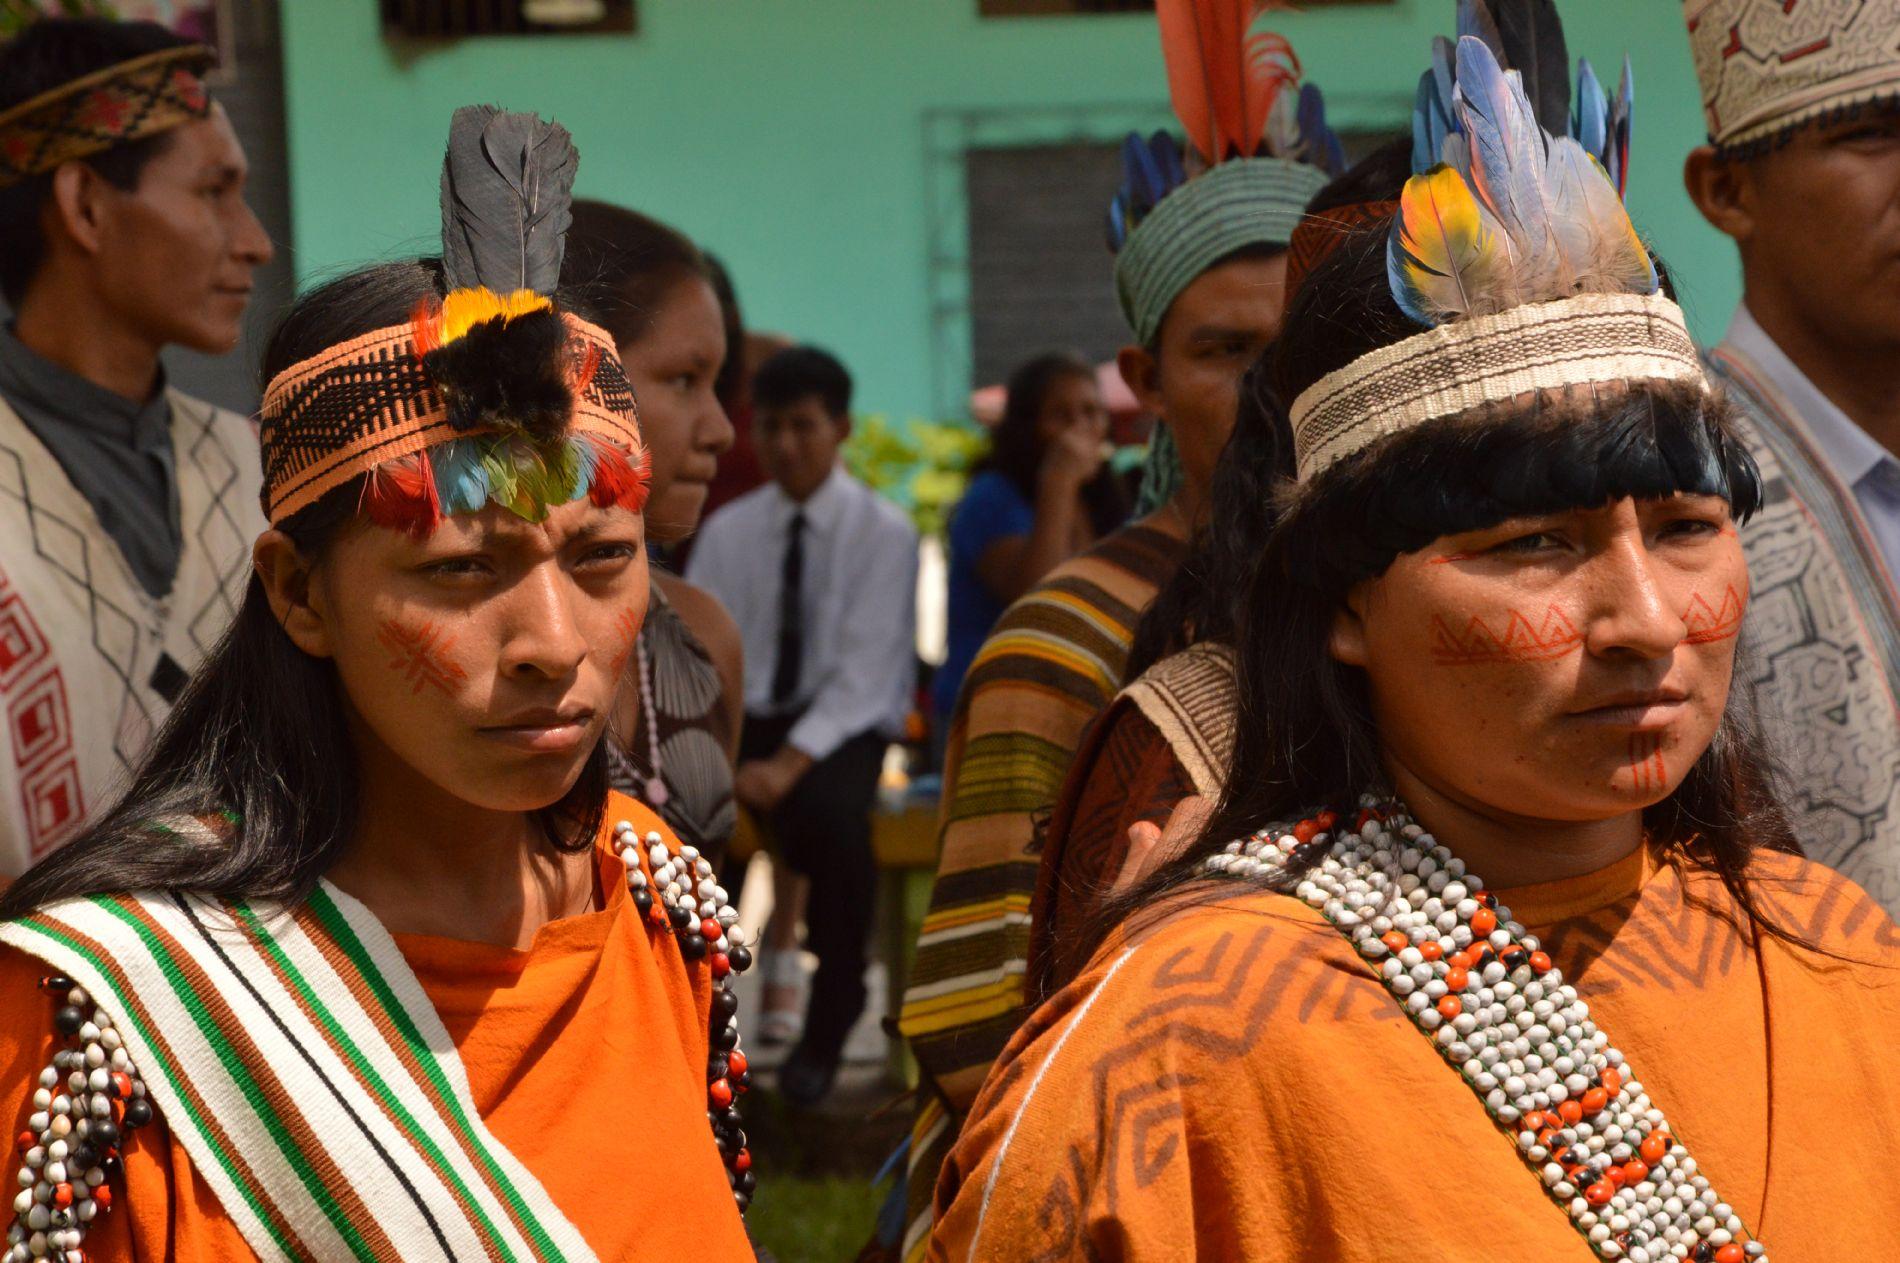 Mujeres en indígenas en Perú participan en procesos de desarrollo gracias a la propuesta de CESAL